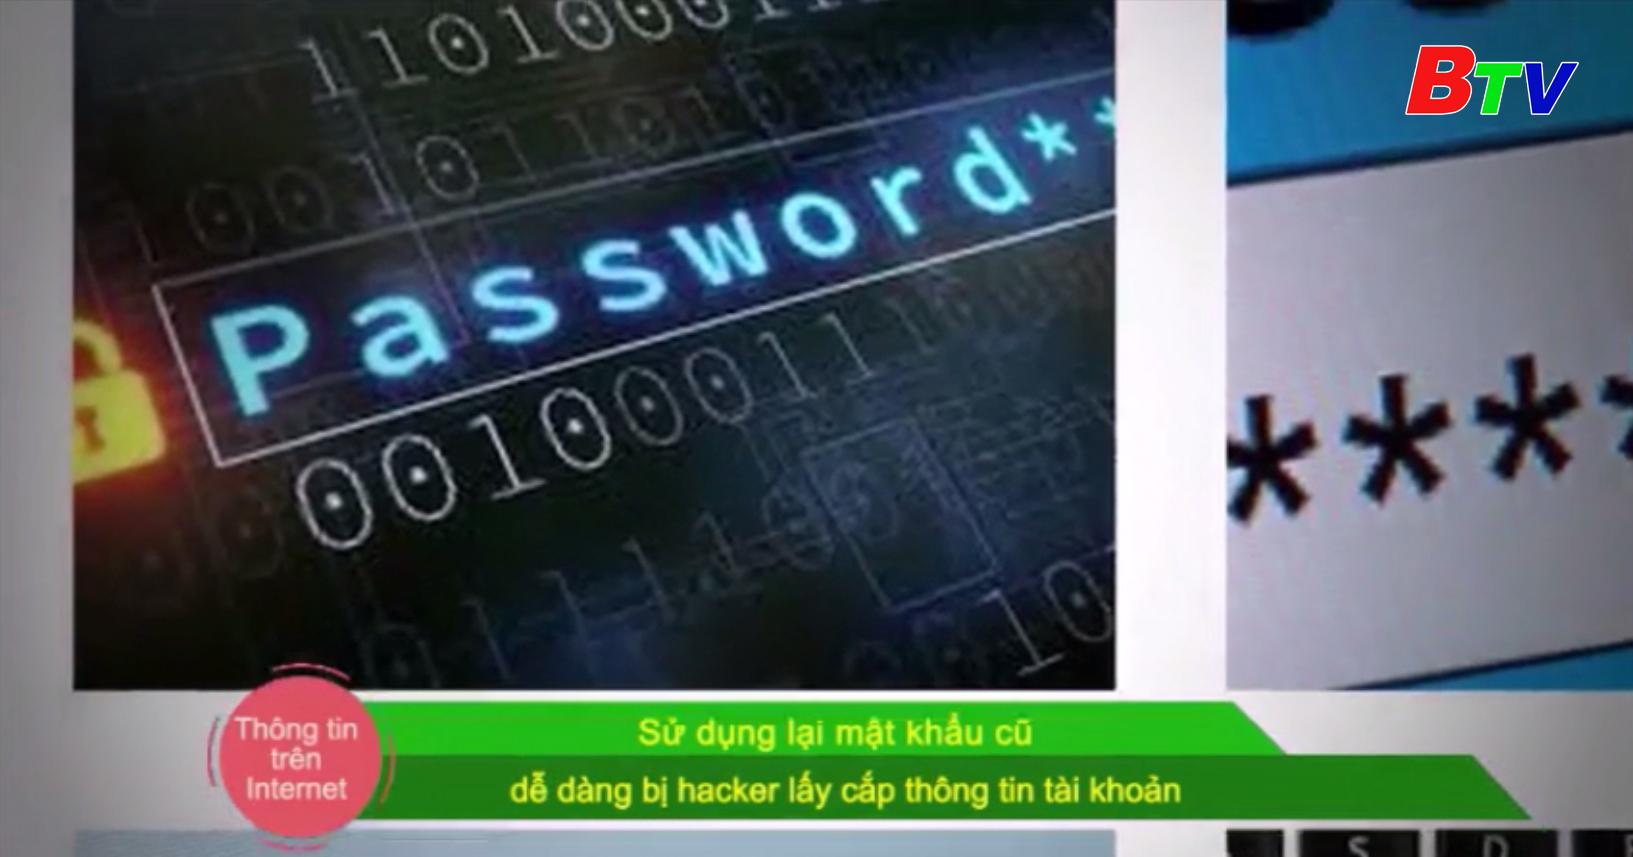 Sử dụng lại mật khẩu cũ dễ dàng bị hacker lấy cắp thông tin tài khoản